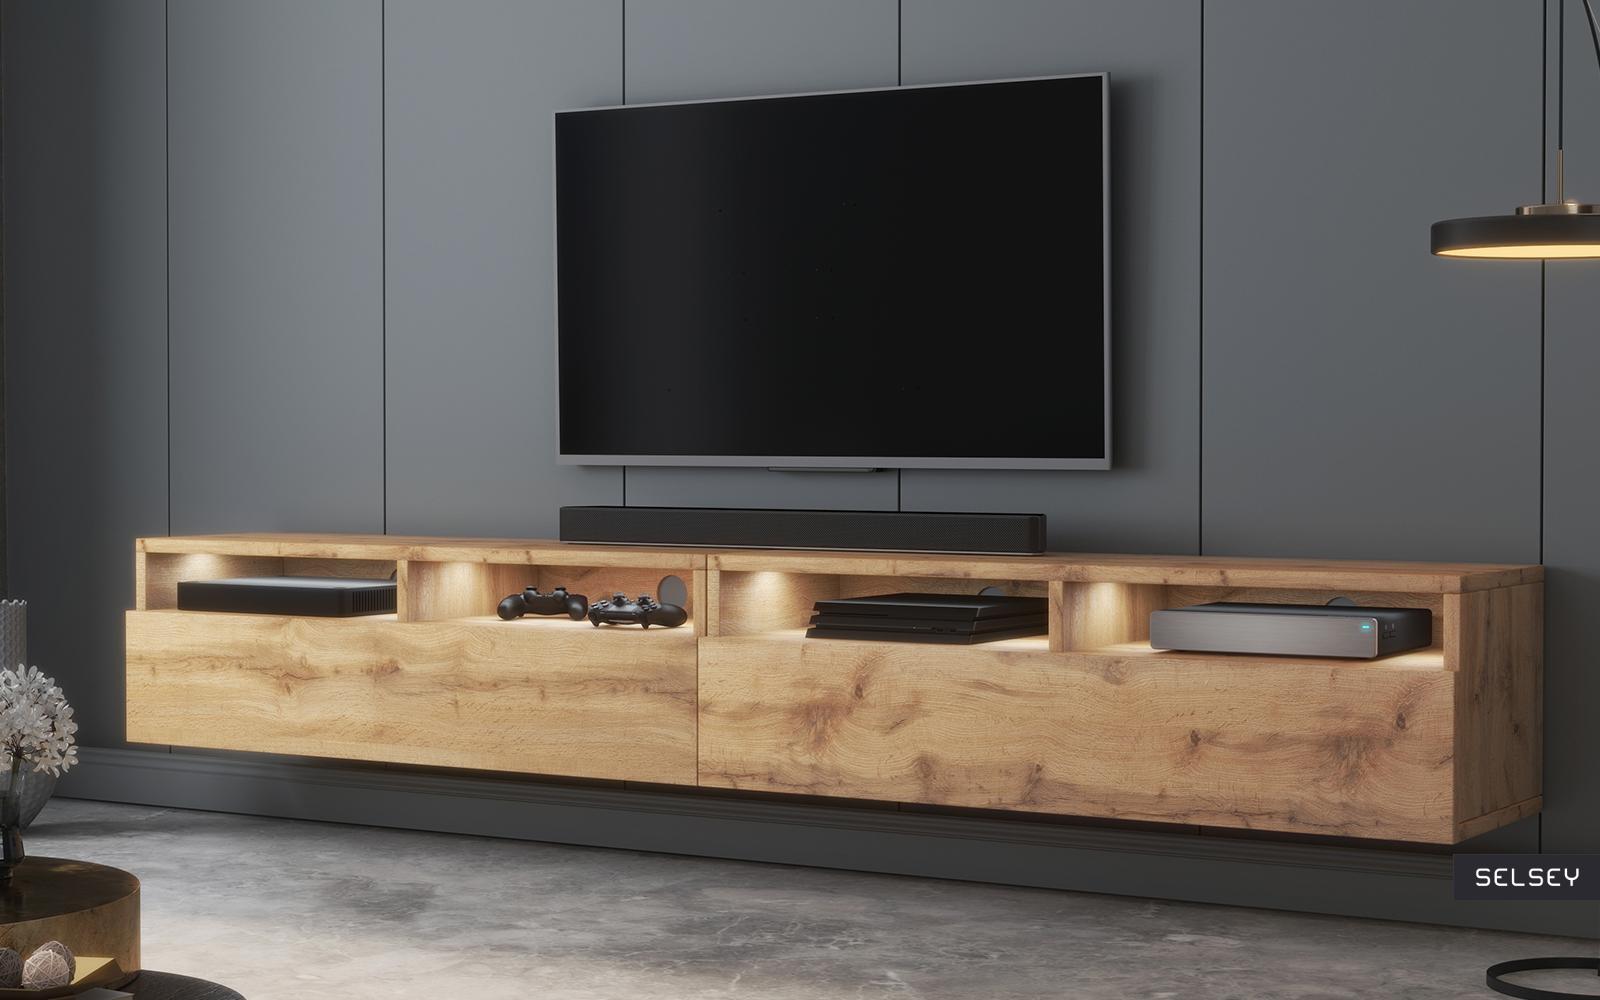 rednaw meuble tv moderne 2x100 cm selsey